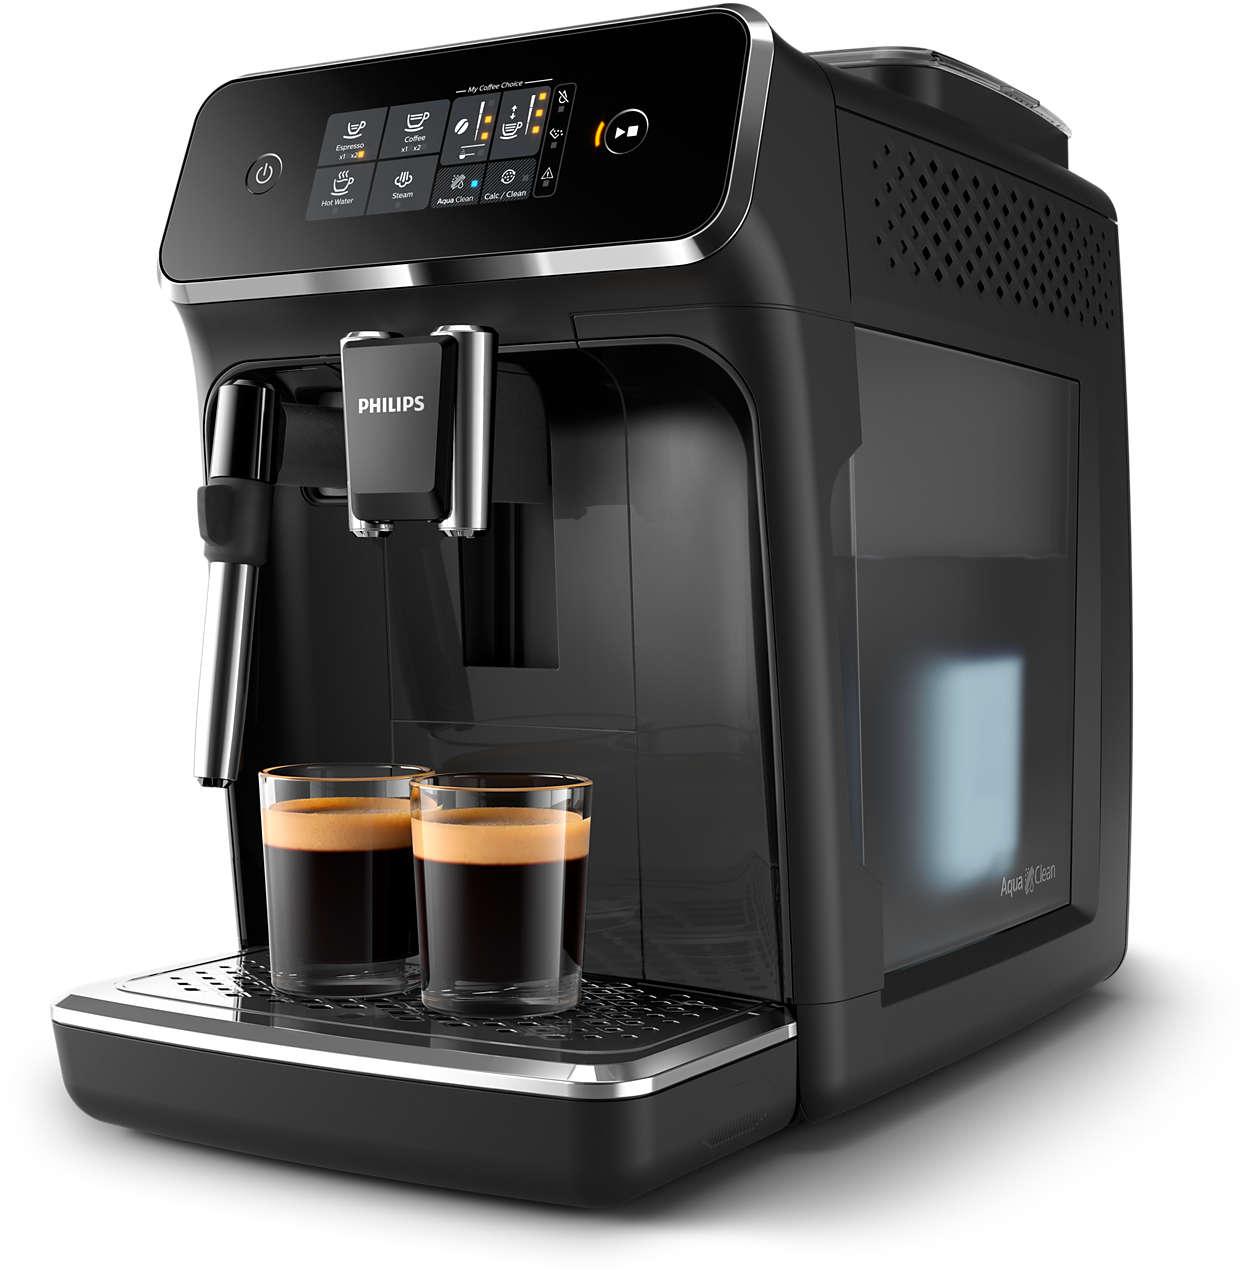 2 finom kávéváltozat – egyszerűbben mint valaha